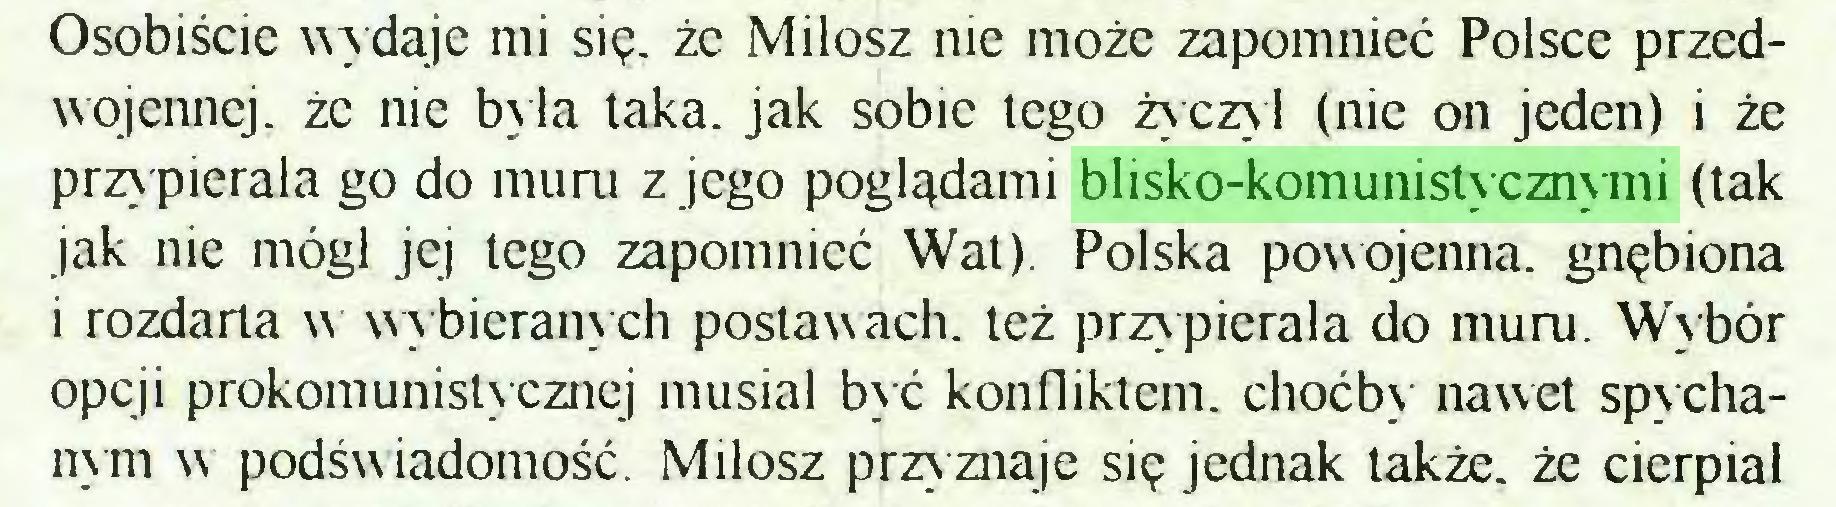 (...) Osobiście wy daje mi się. że Miłosz nie może zapomnieć Polsce przedwojennej. że nic była taka. jak sobie lego życzył (nic on jeden) i że przypierała go do muru z jego poglądami blisko-komunistycznymi (tak jak nie mógł jej lego zapomnieć Wat). Polska powojenna, gnębiona i rozdarta w wybieranych postawach, też przypierała do muru. Wybór opcji pokomunistycznej musiał być konfliktem, choćby nawet spychanym w podświadomość. Miłosz przyznaje się jednak także, że cierpiał...